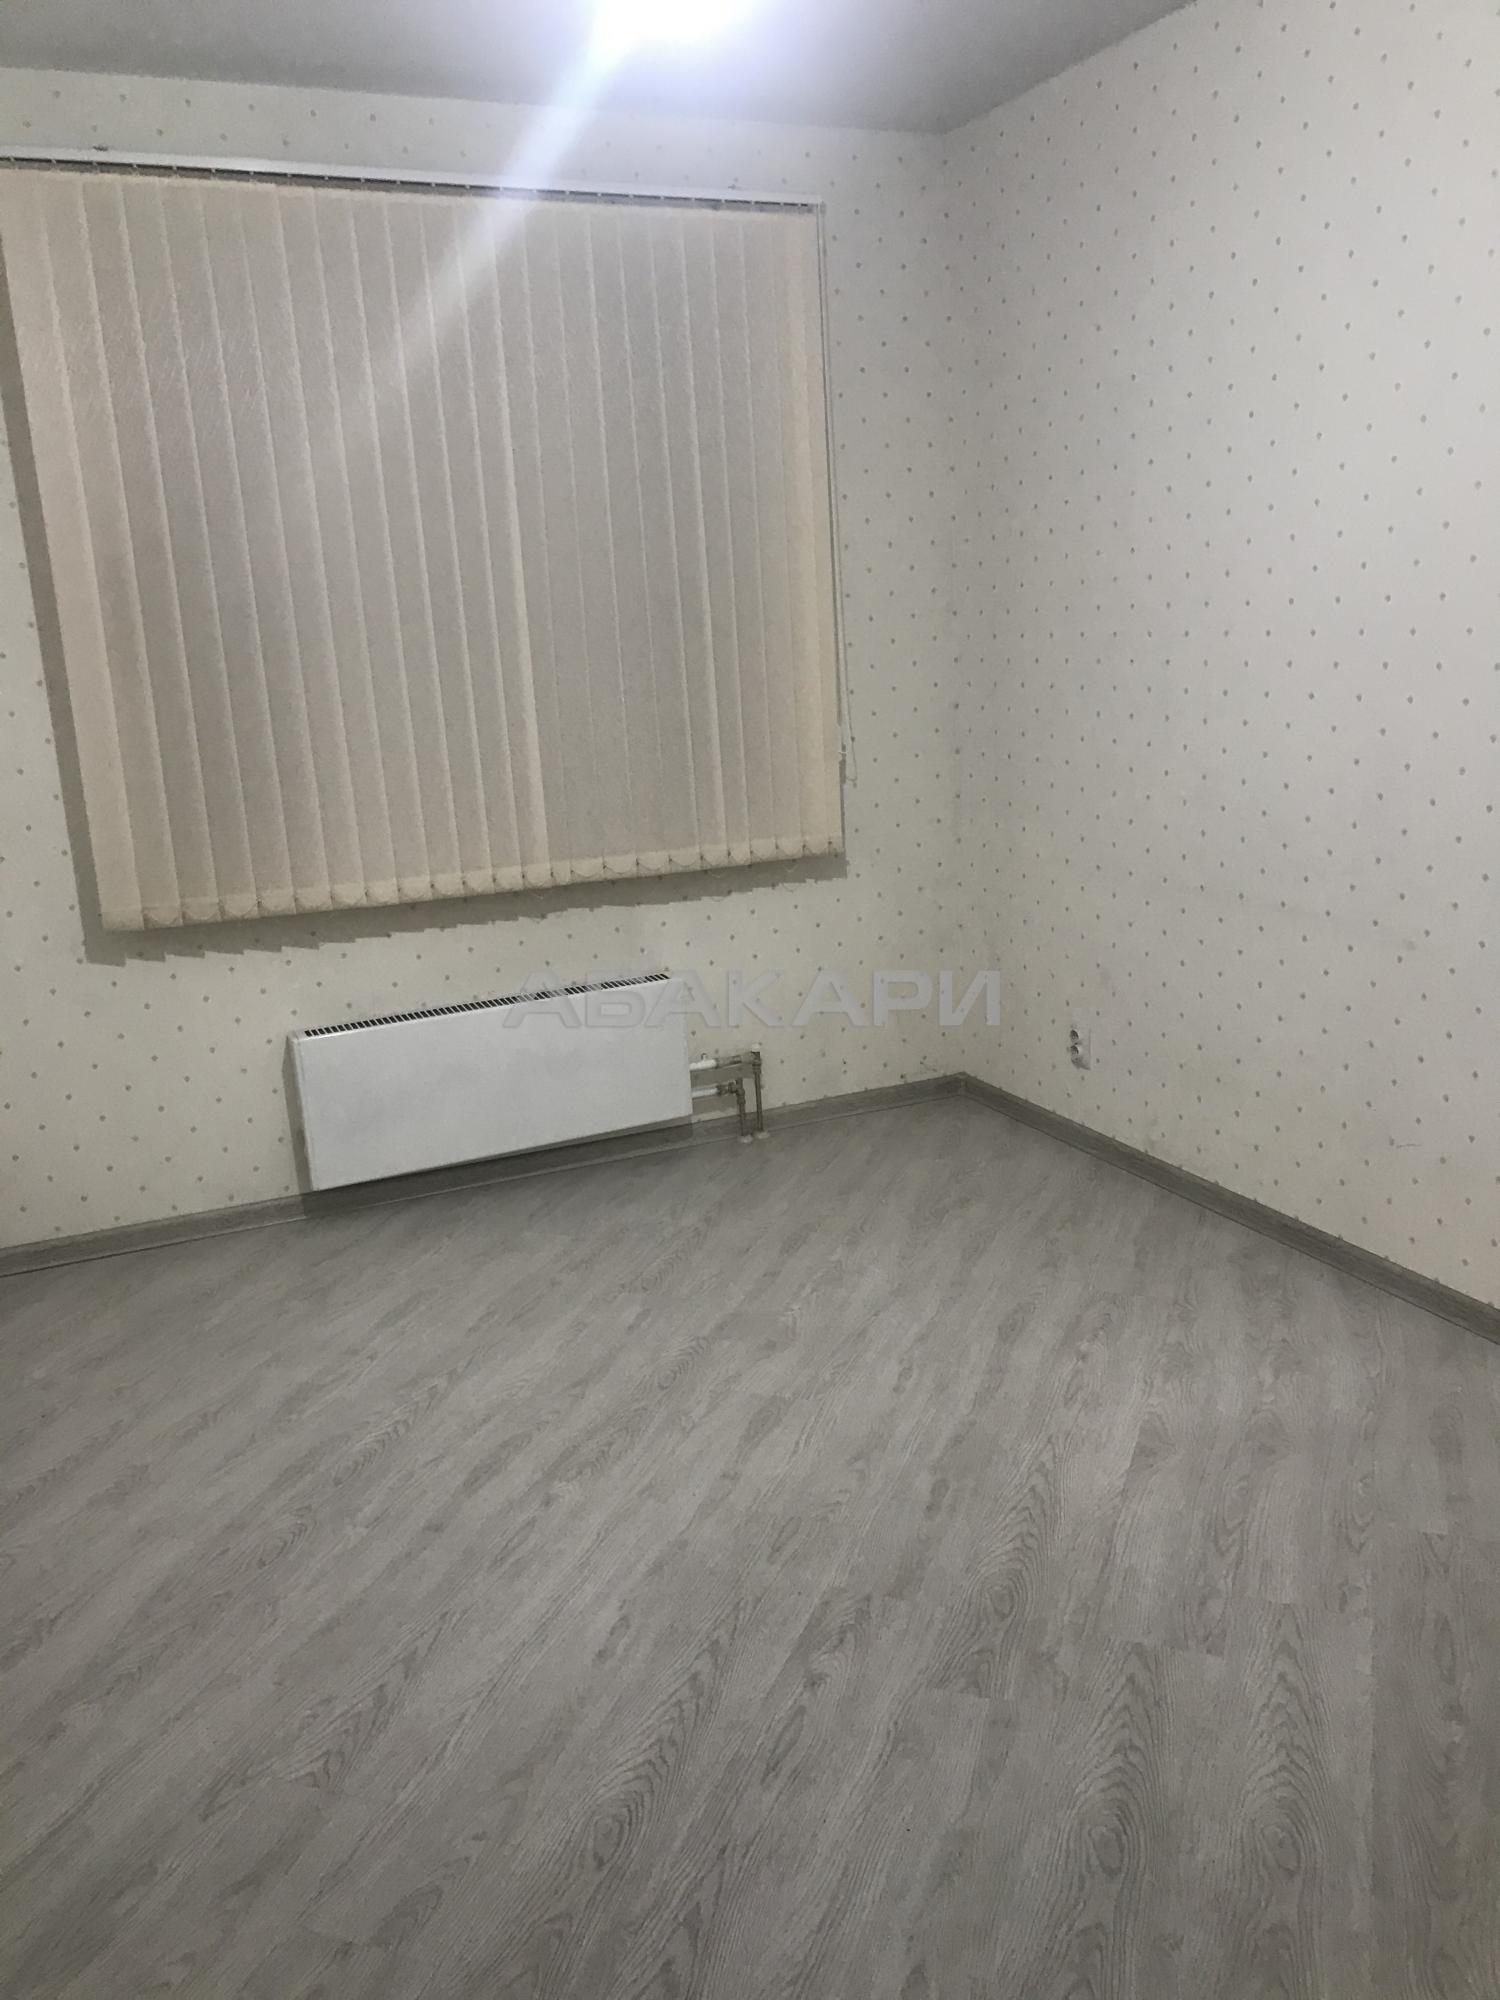 3к квартира улица Алексеева, 46 12/24 - 75кв | 25000 | аренда в Красноярске фото 3